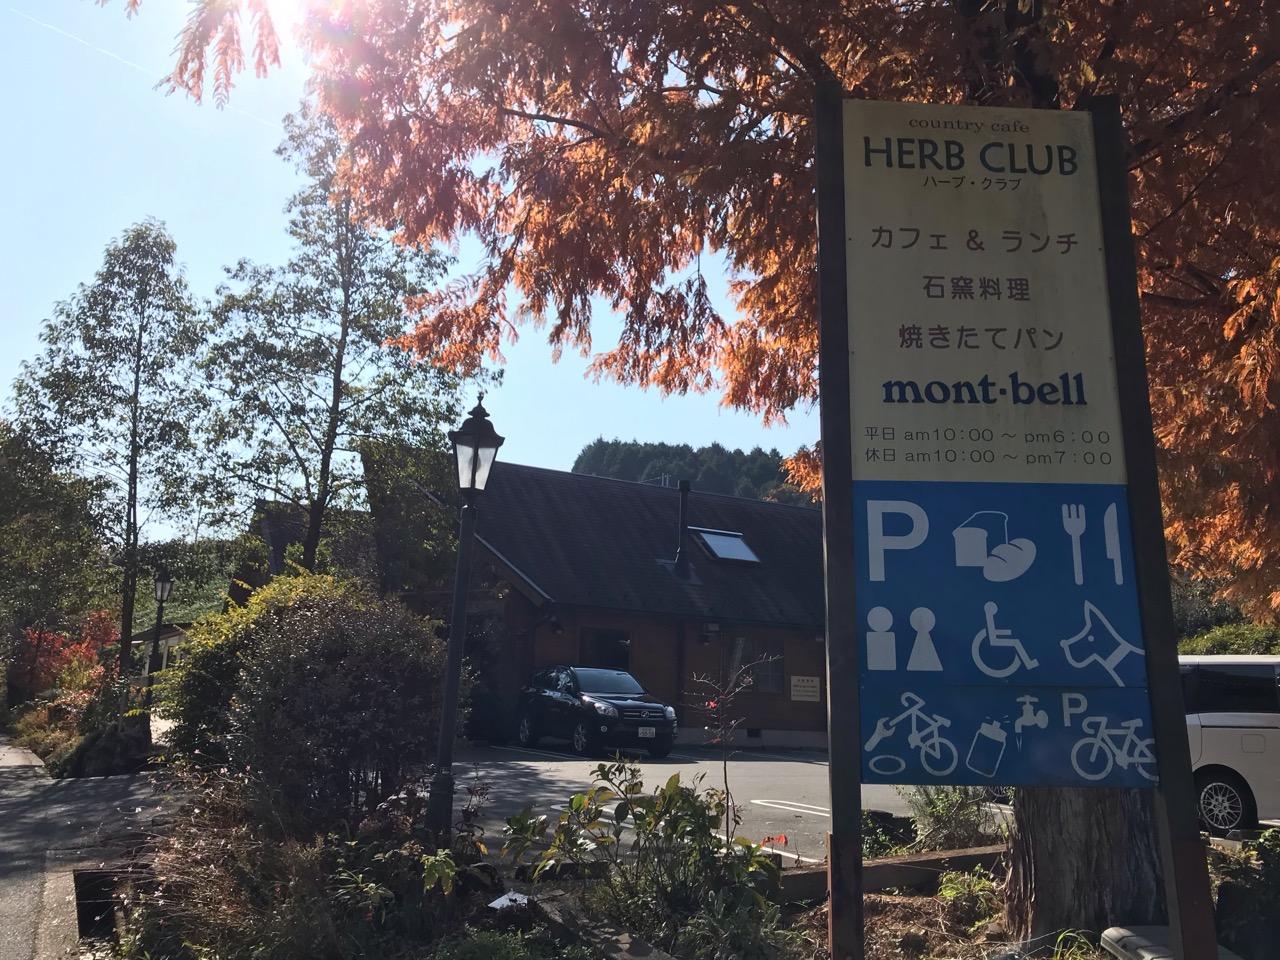 たびごと 鬼滅の刃 聖地 奈良県 ハーブクラブ